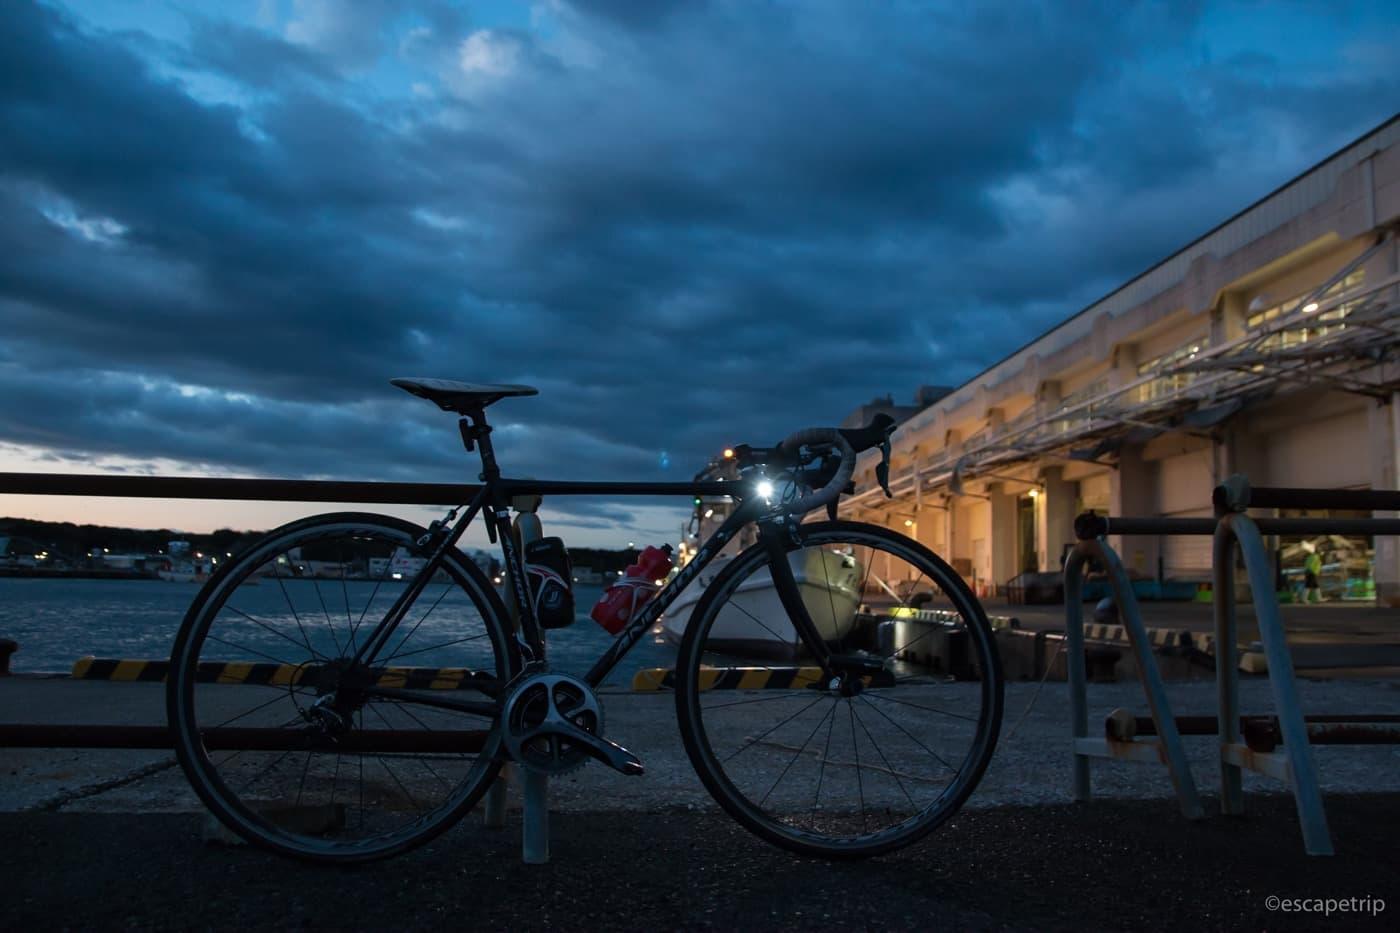 夜明け前の空と海とロードバイク